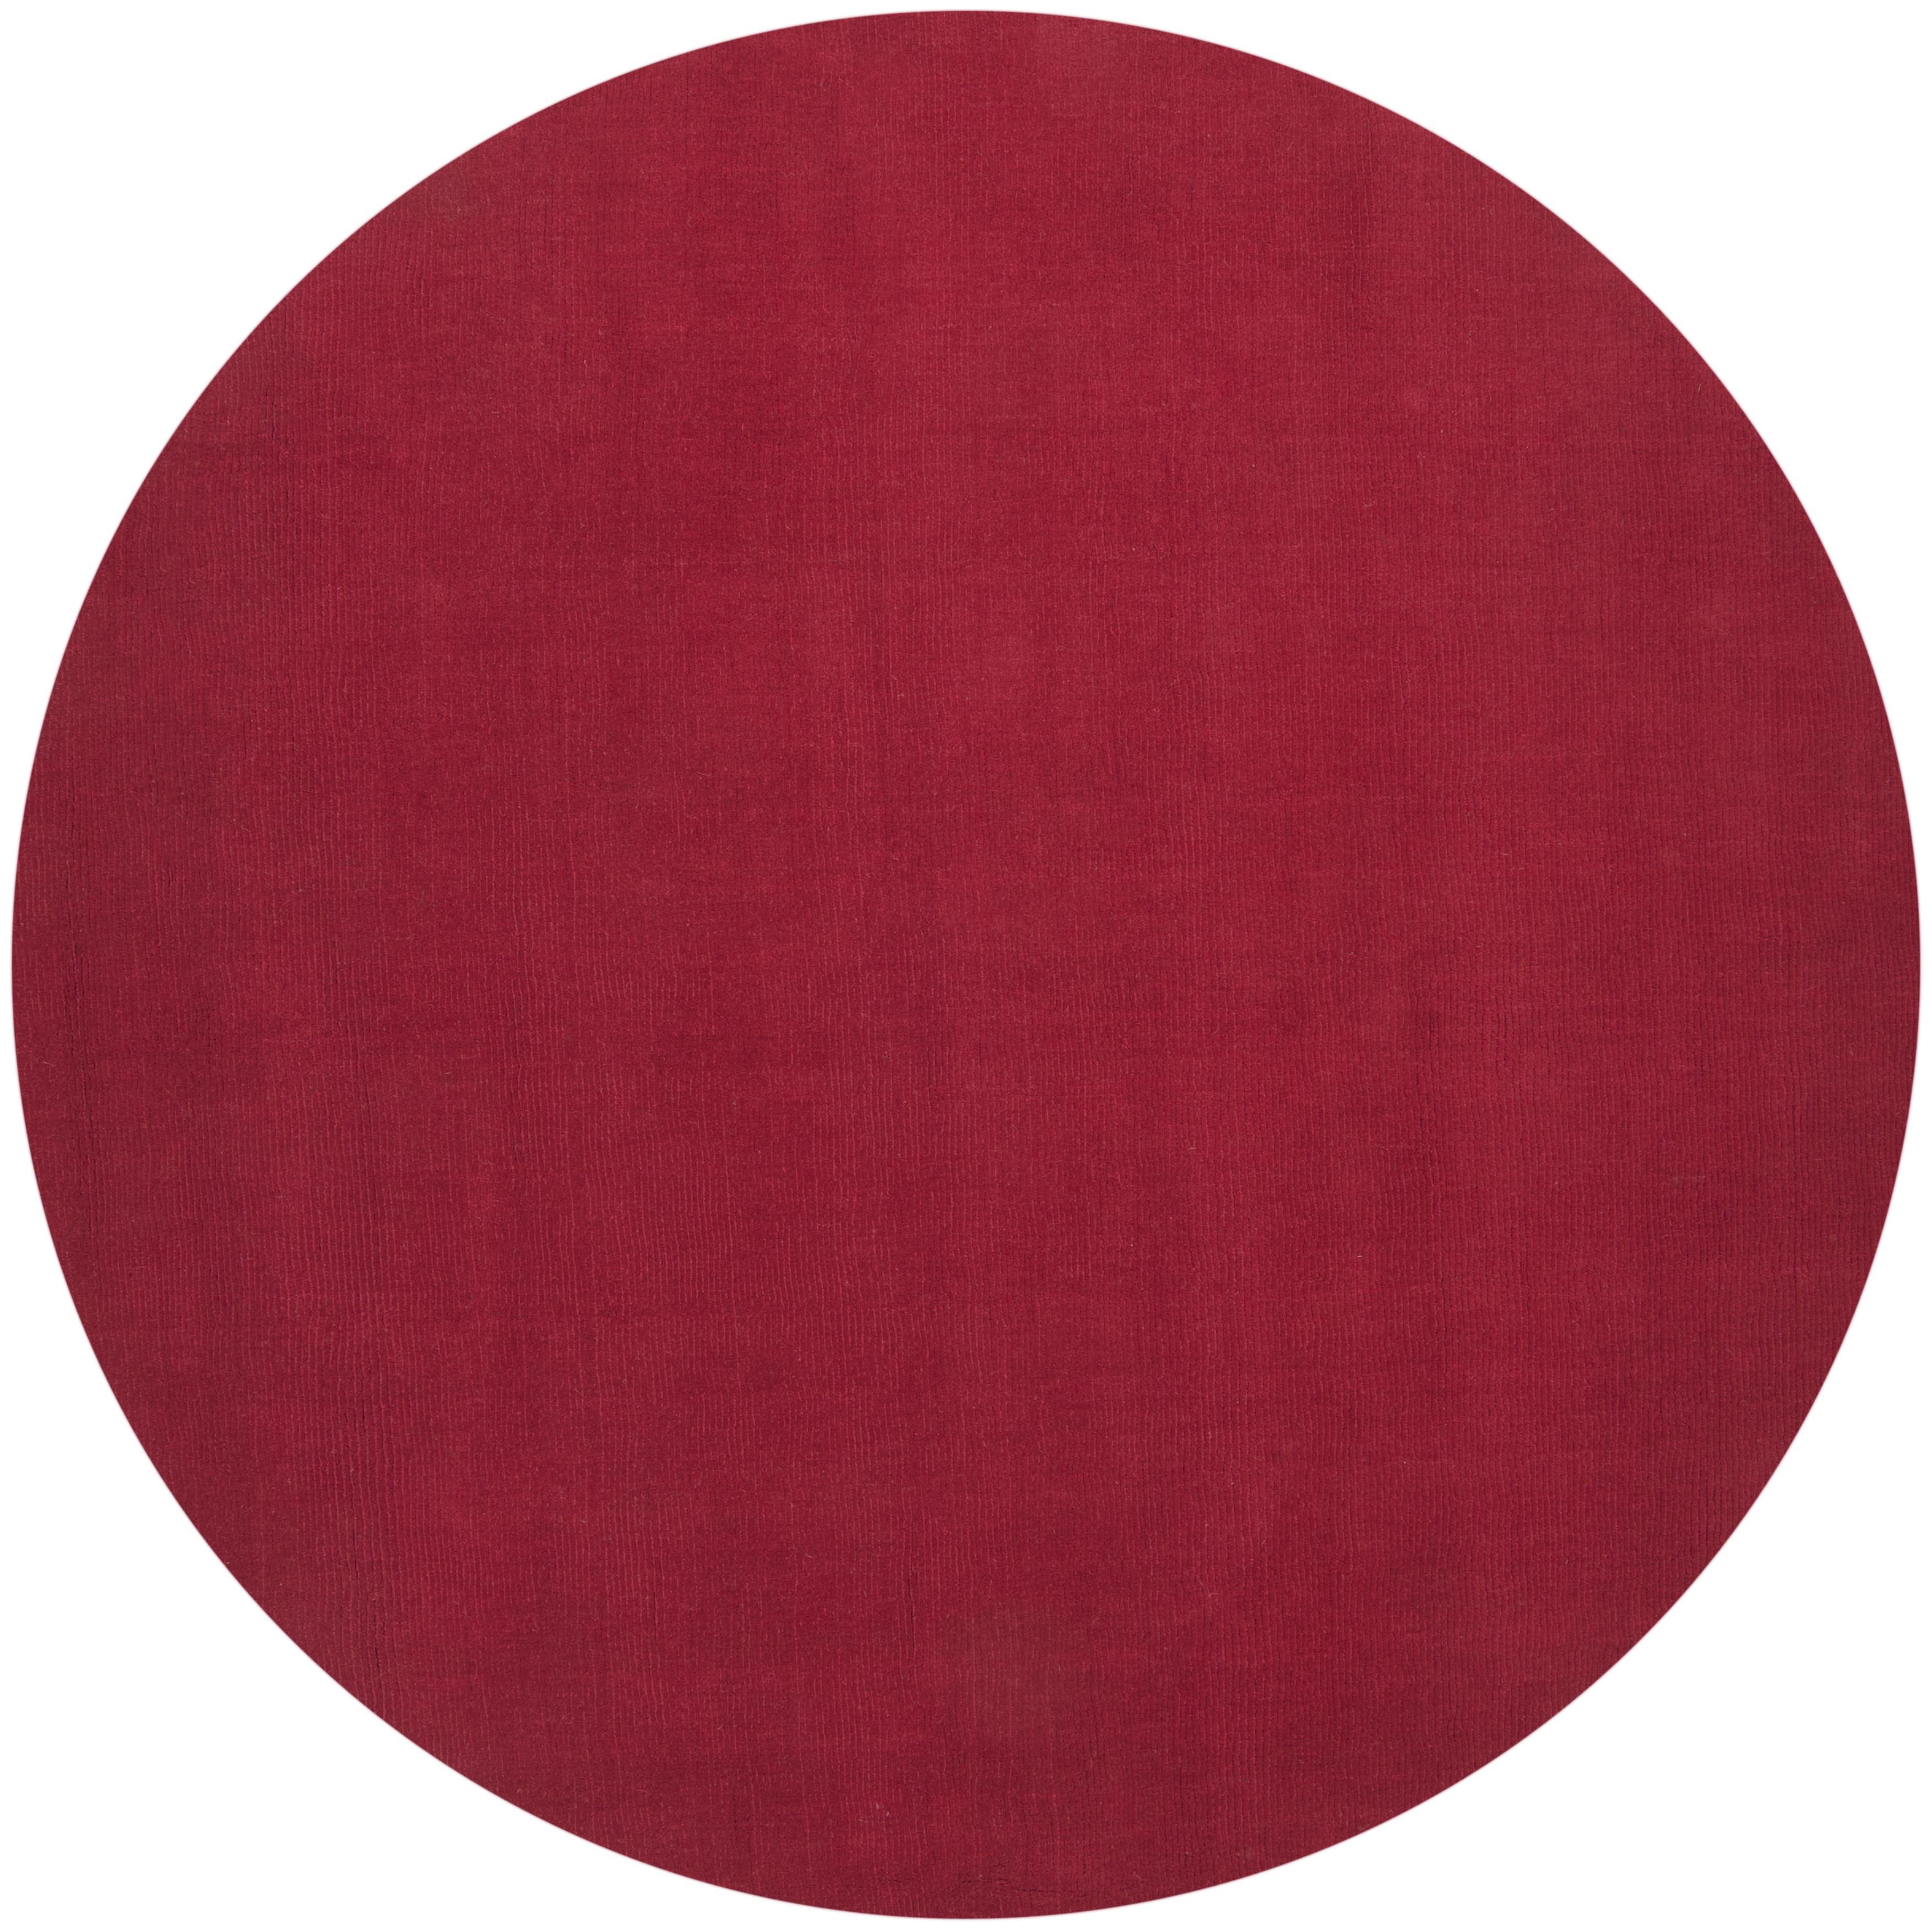 Surya Mystique 6' Round - Item Number: M333-6RD